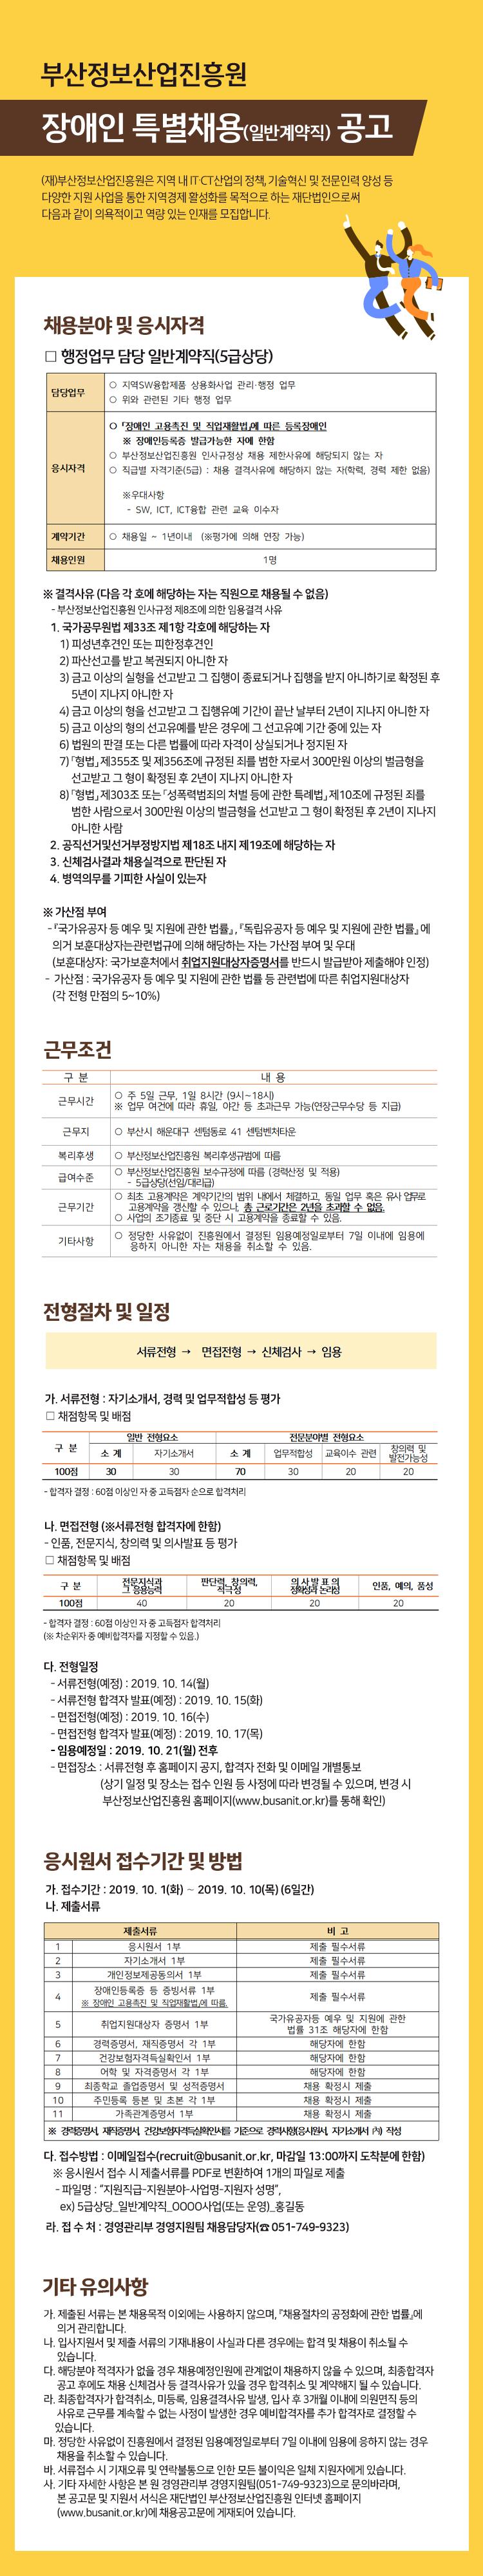 (재)부산정보산업진흥원 장애인 특별채용공고